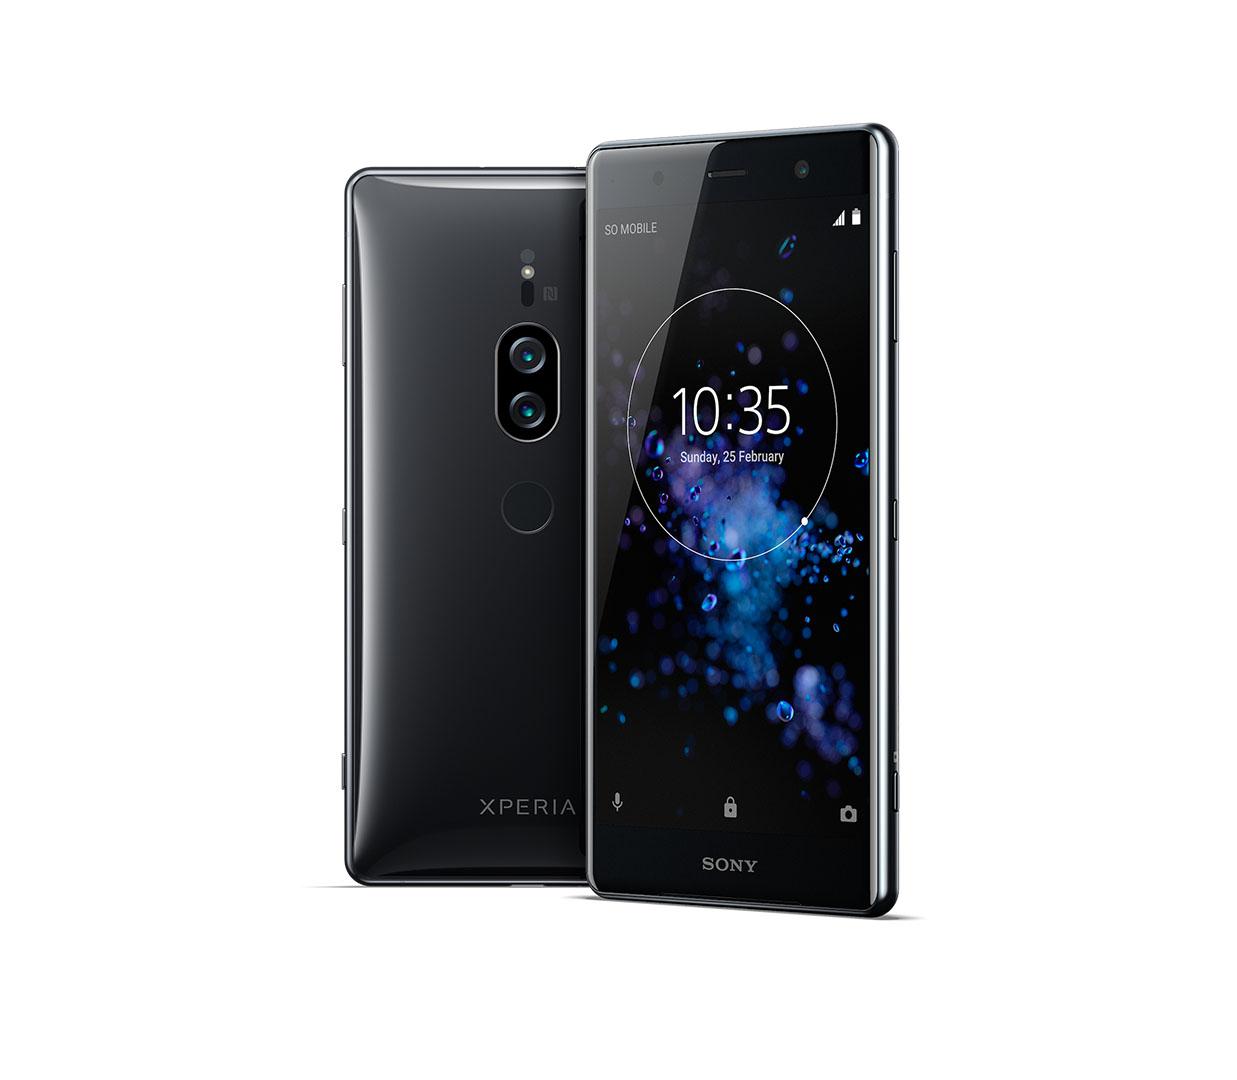 🔥 Soldes : le Sony Xperia XZ2 (double SIM) est à 530 euros avec ce code promo